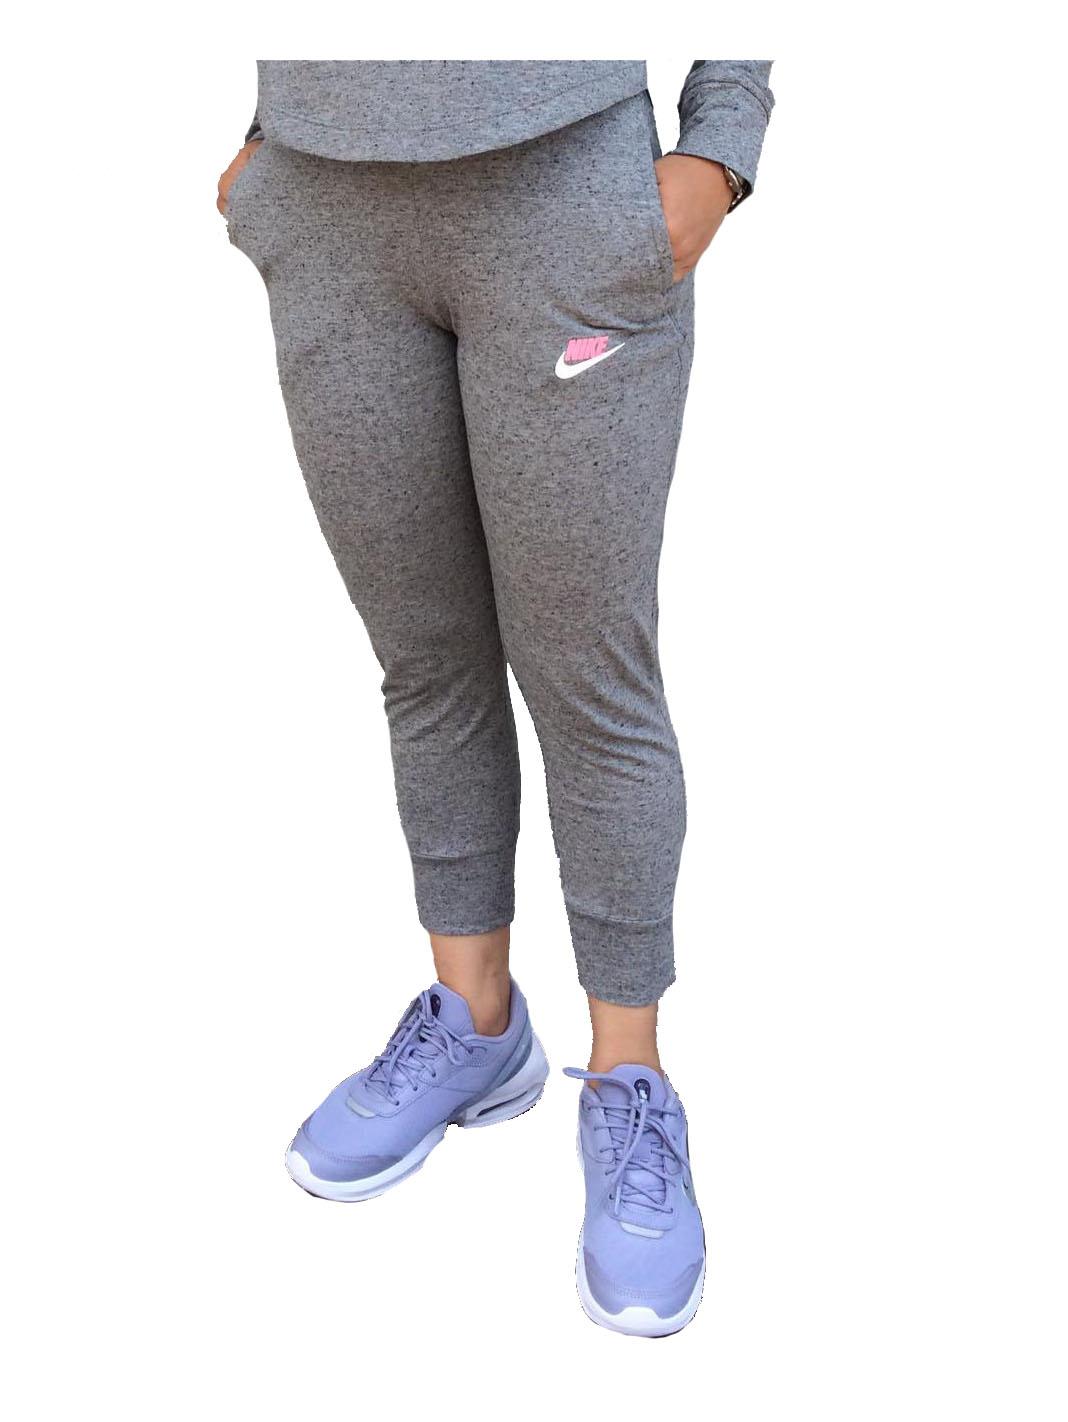 Calça Nike 7/8 Jogger Pant Jersey – Girls